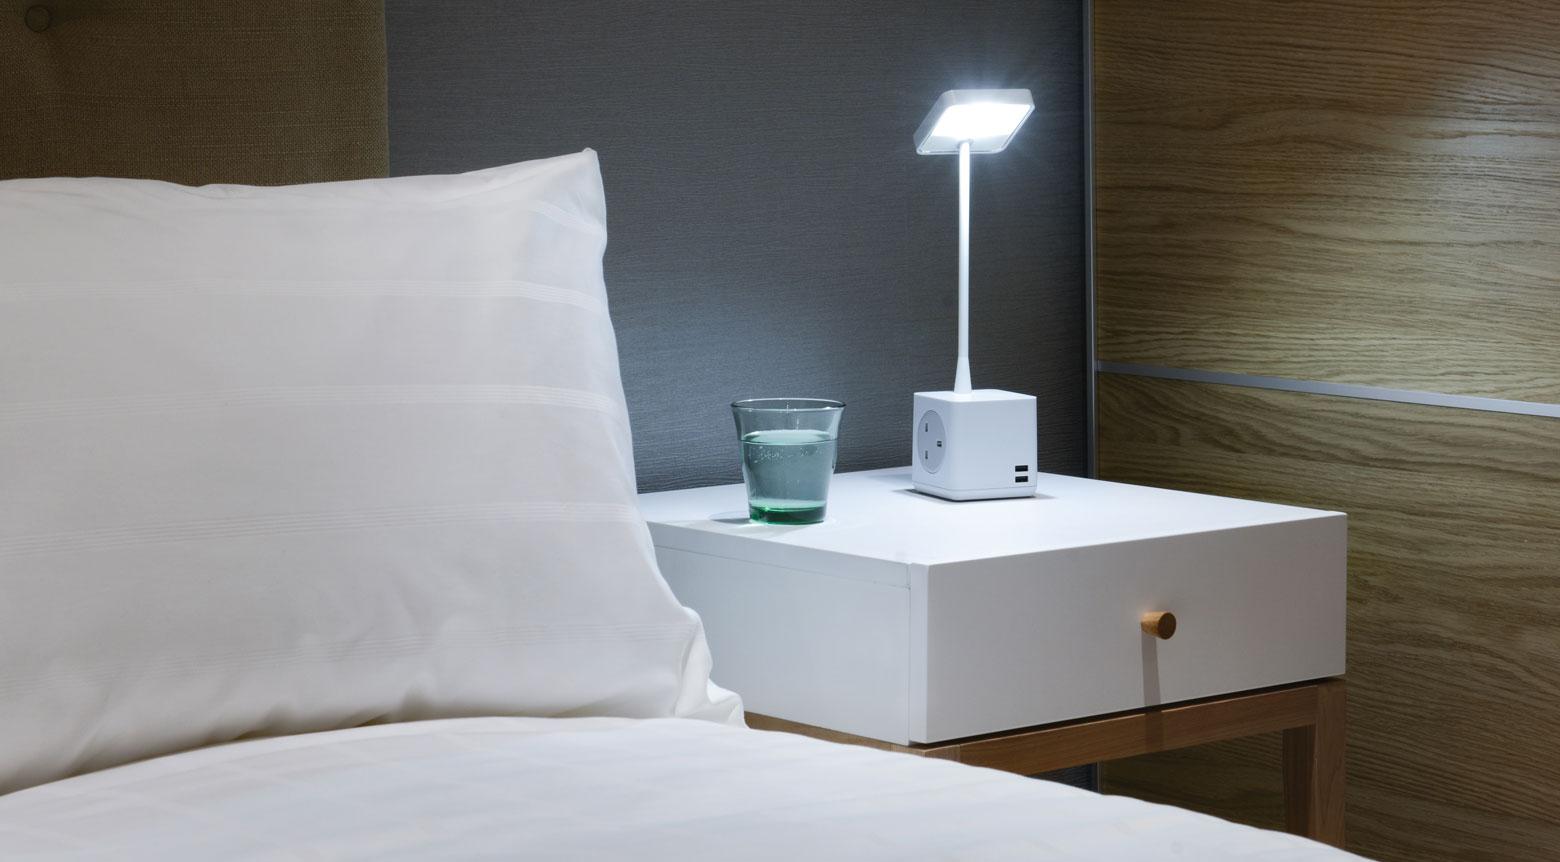 Cubert-bedside